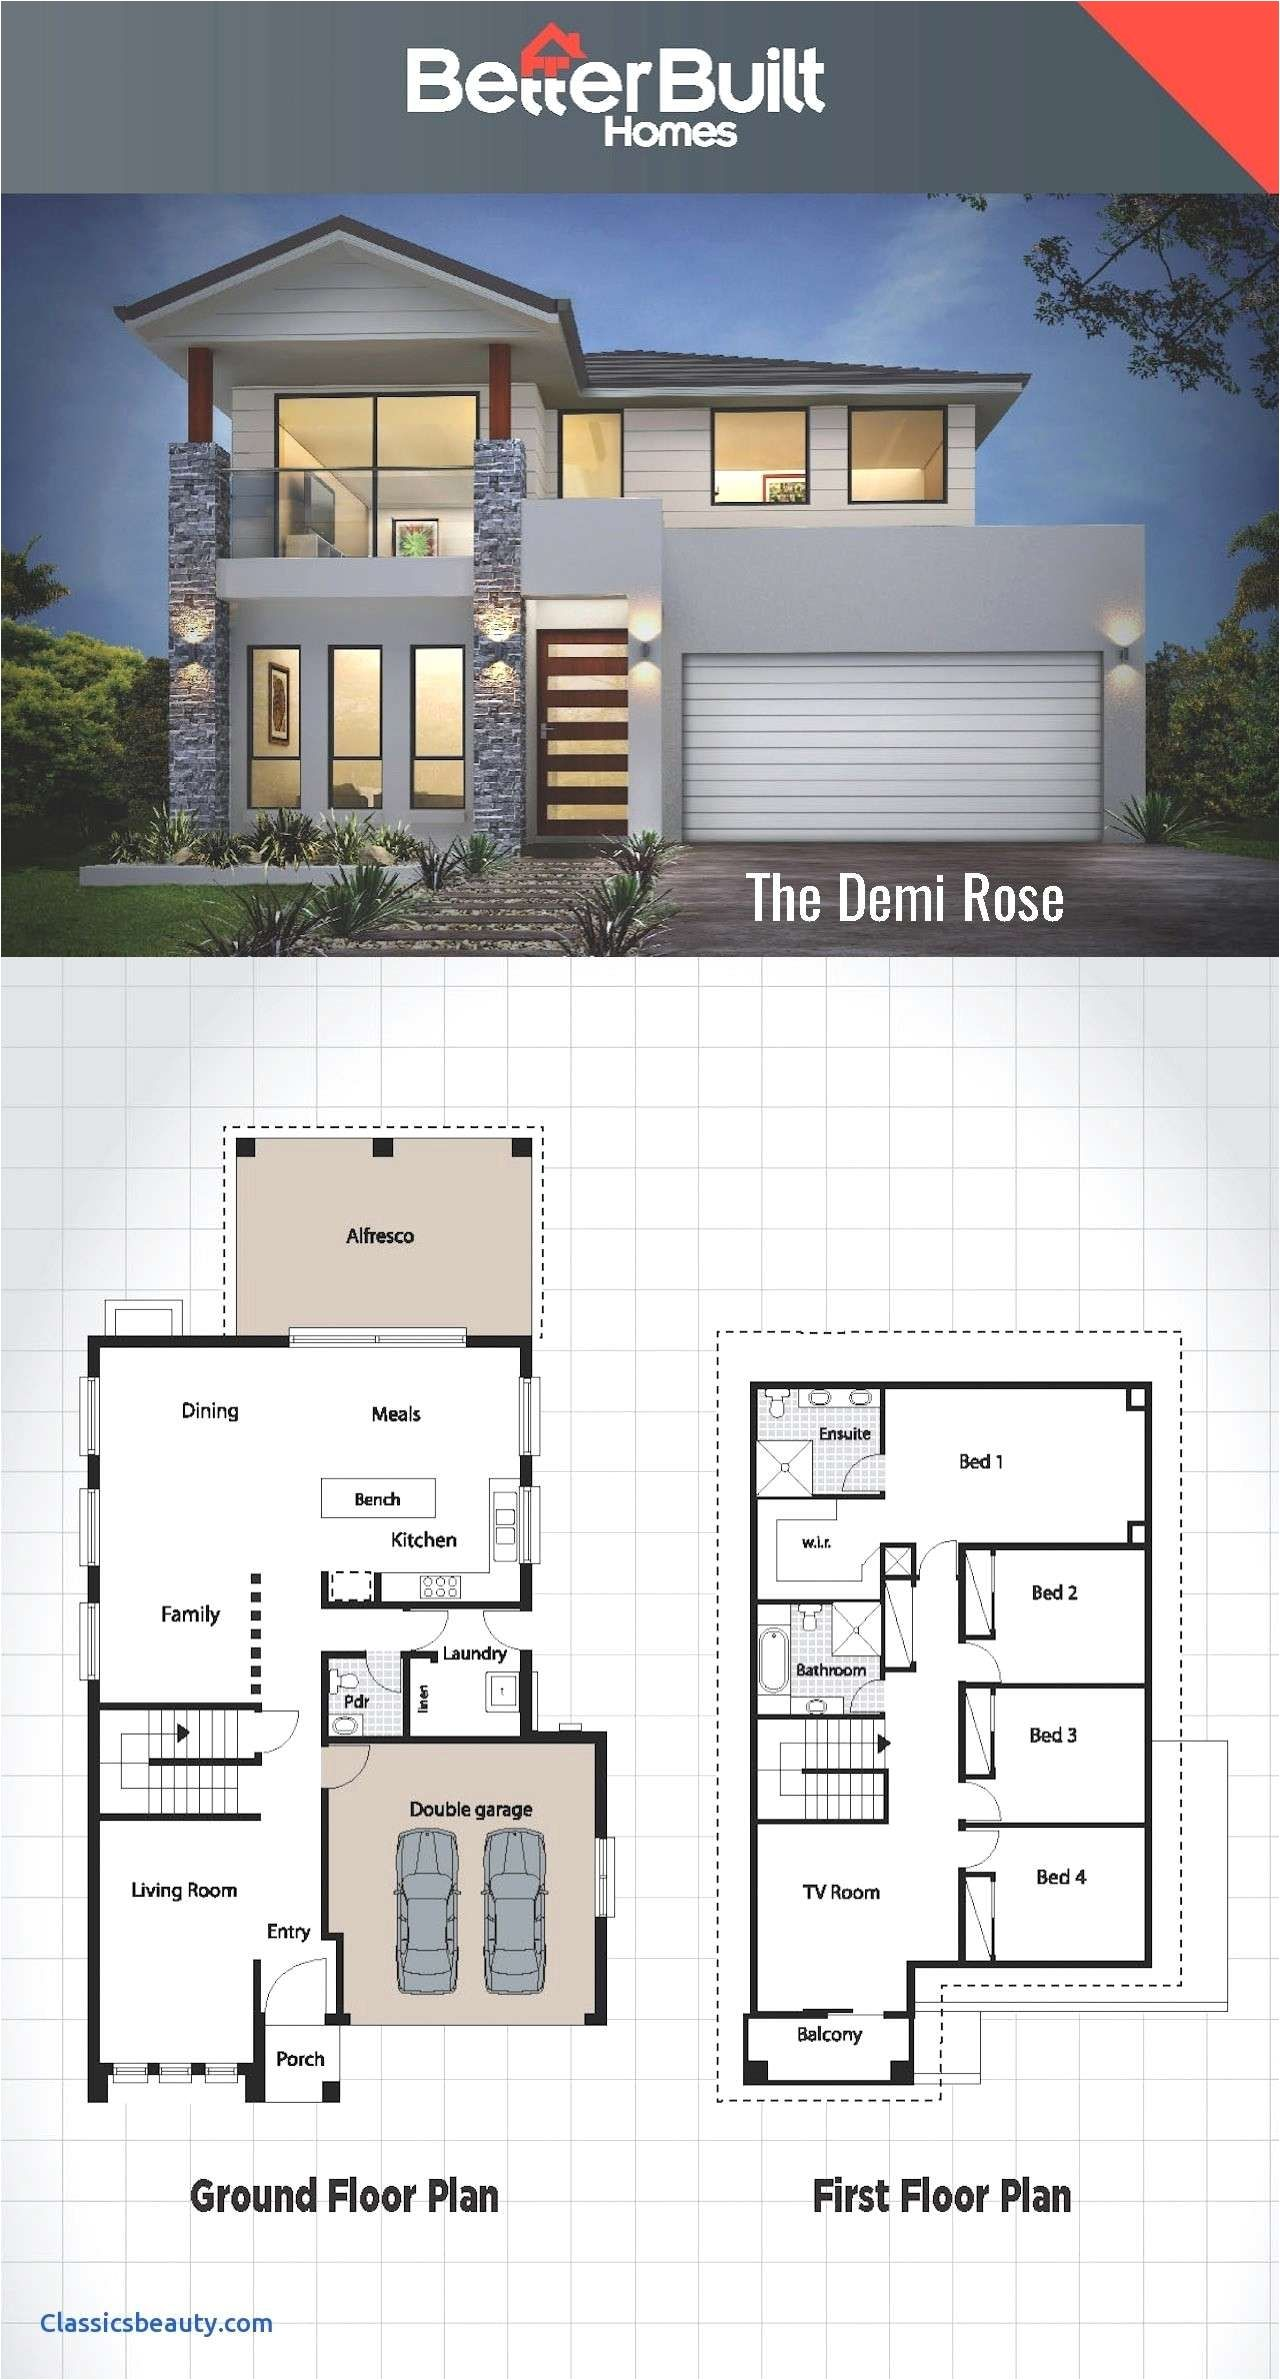 7ac7f4a661f81c1b3f02b6181987f920 - 38+ Small House Modern House Design 2020 Philippines Pics